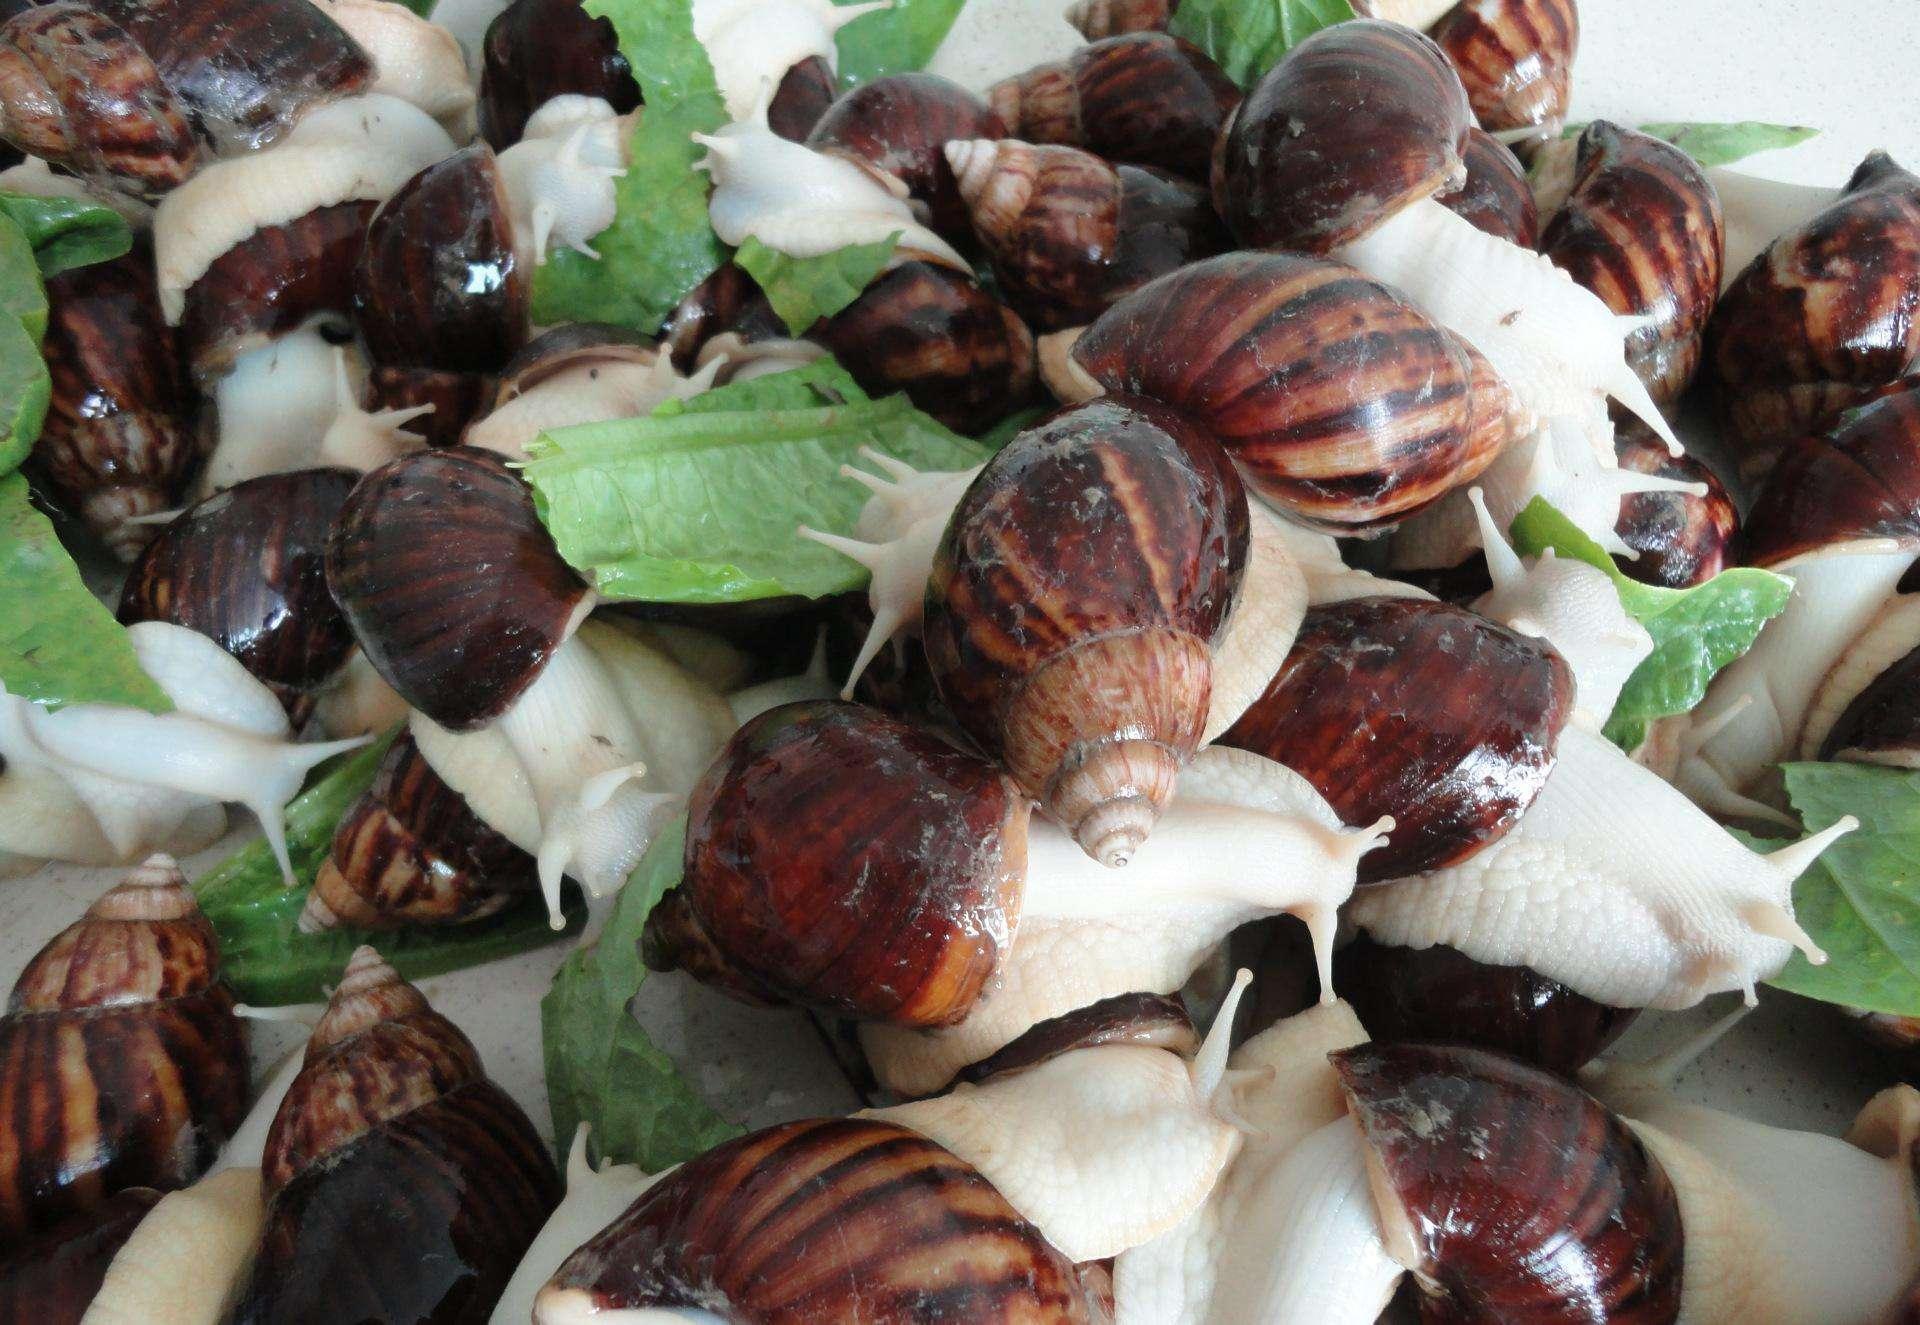 想要养好四川涵德白玉蜗牛,这些你不得不注意!